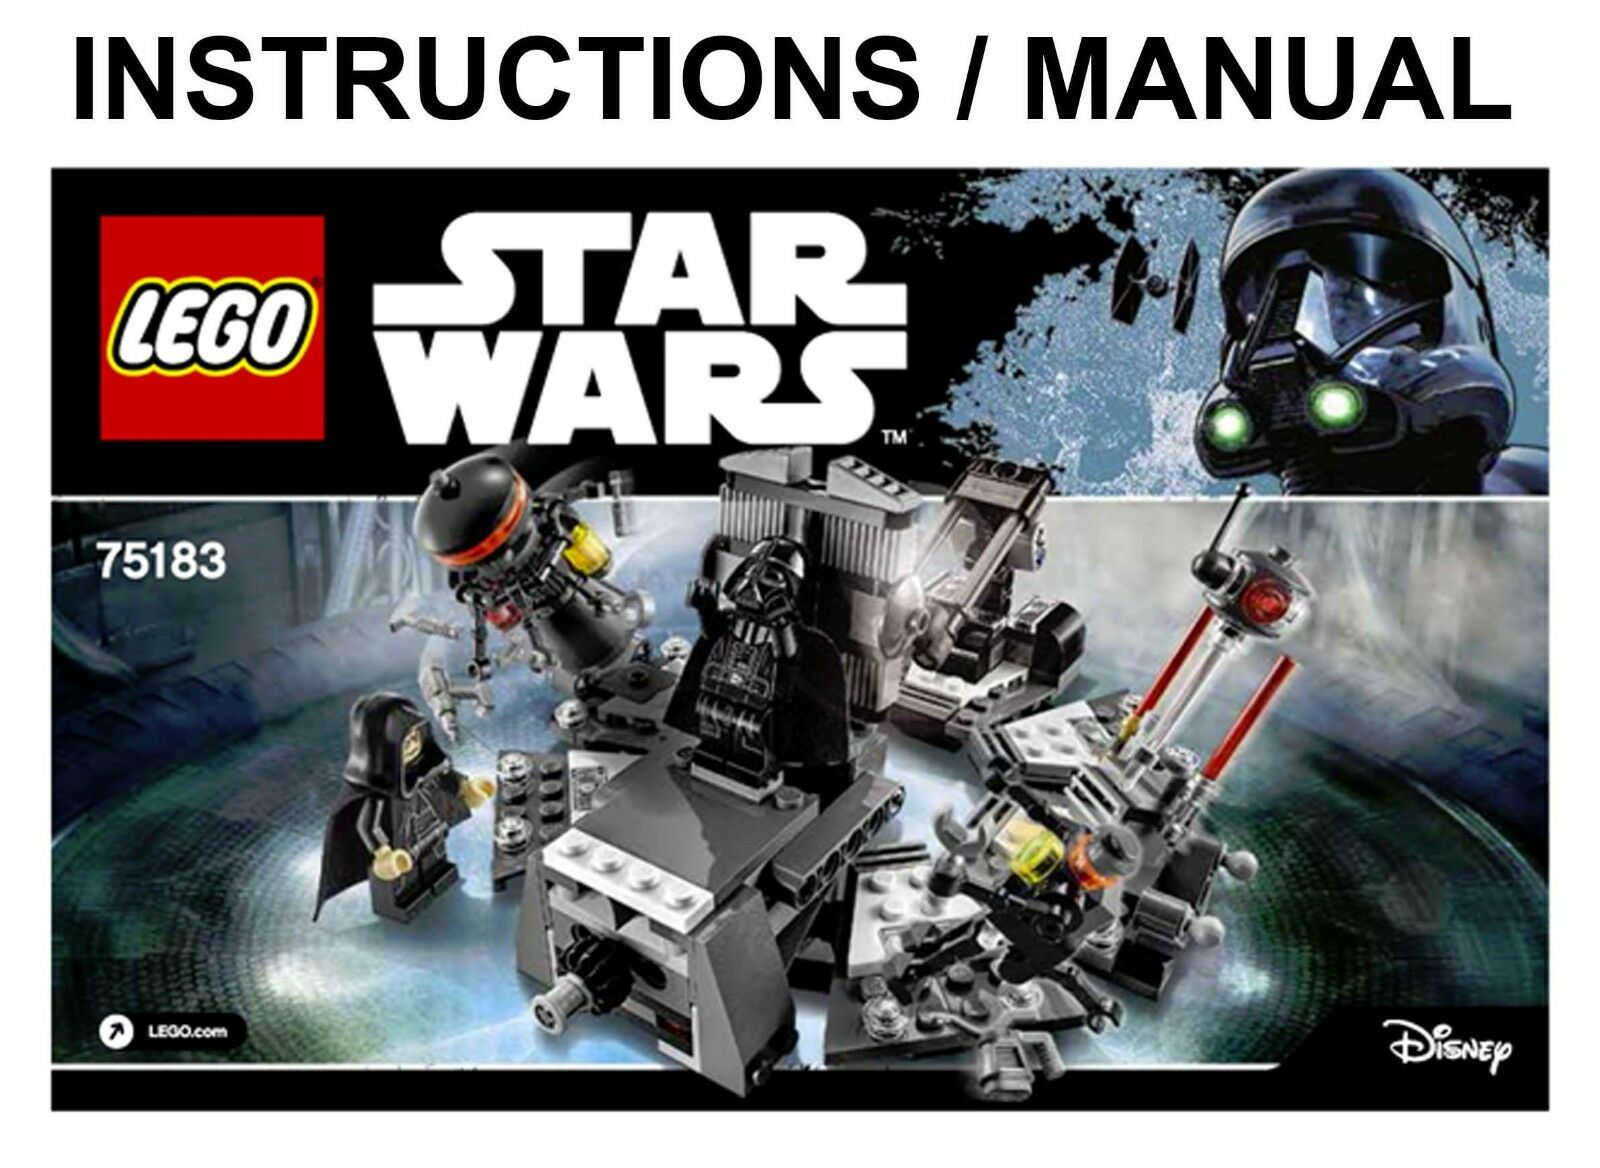 Lego Star Wars 75183 Darth Vader Transformation Instructions Only Ebay